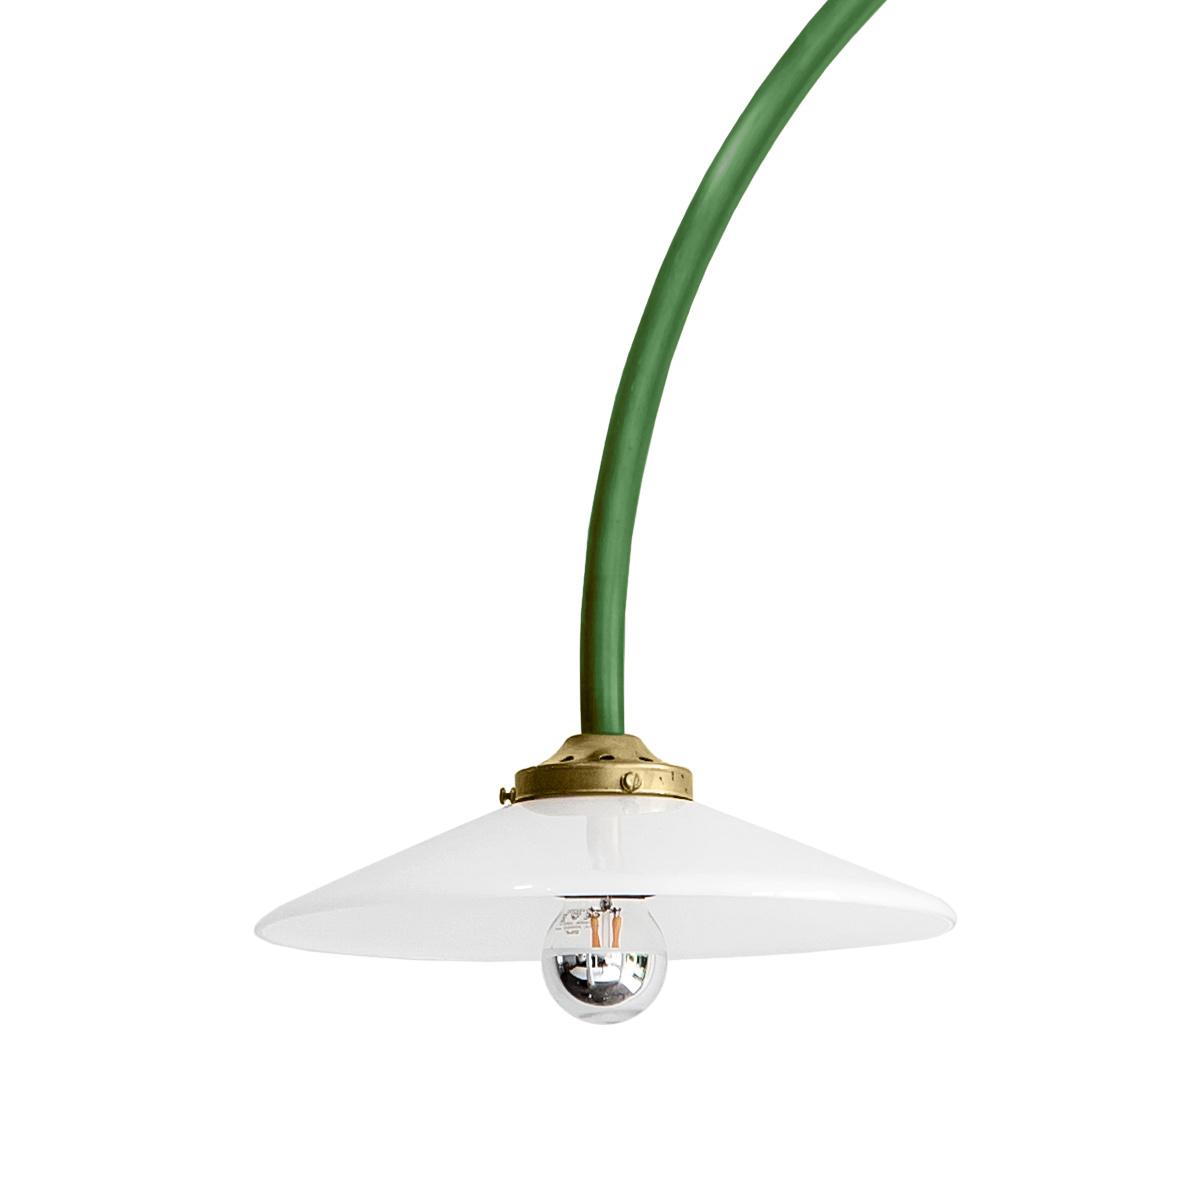 Hanging Lamp No. 2-10